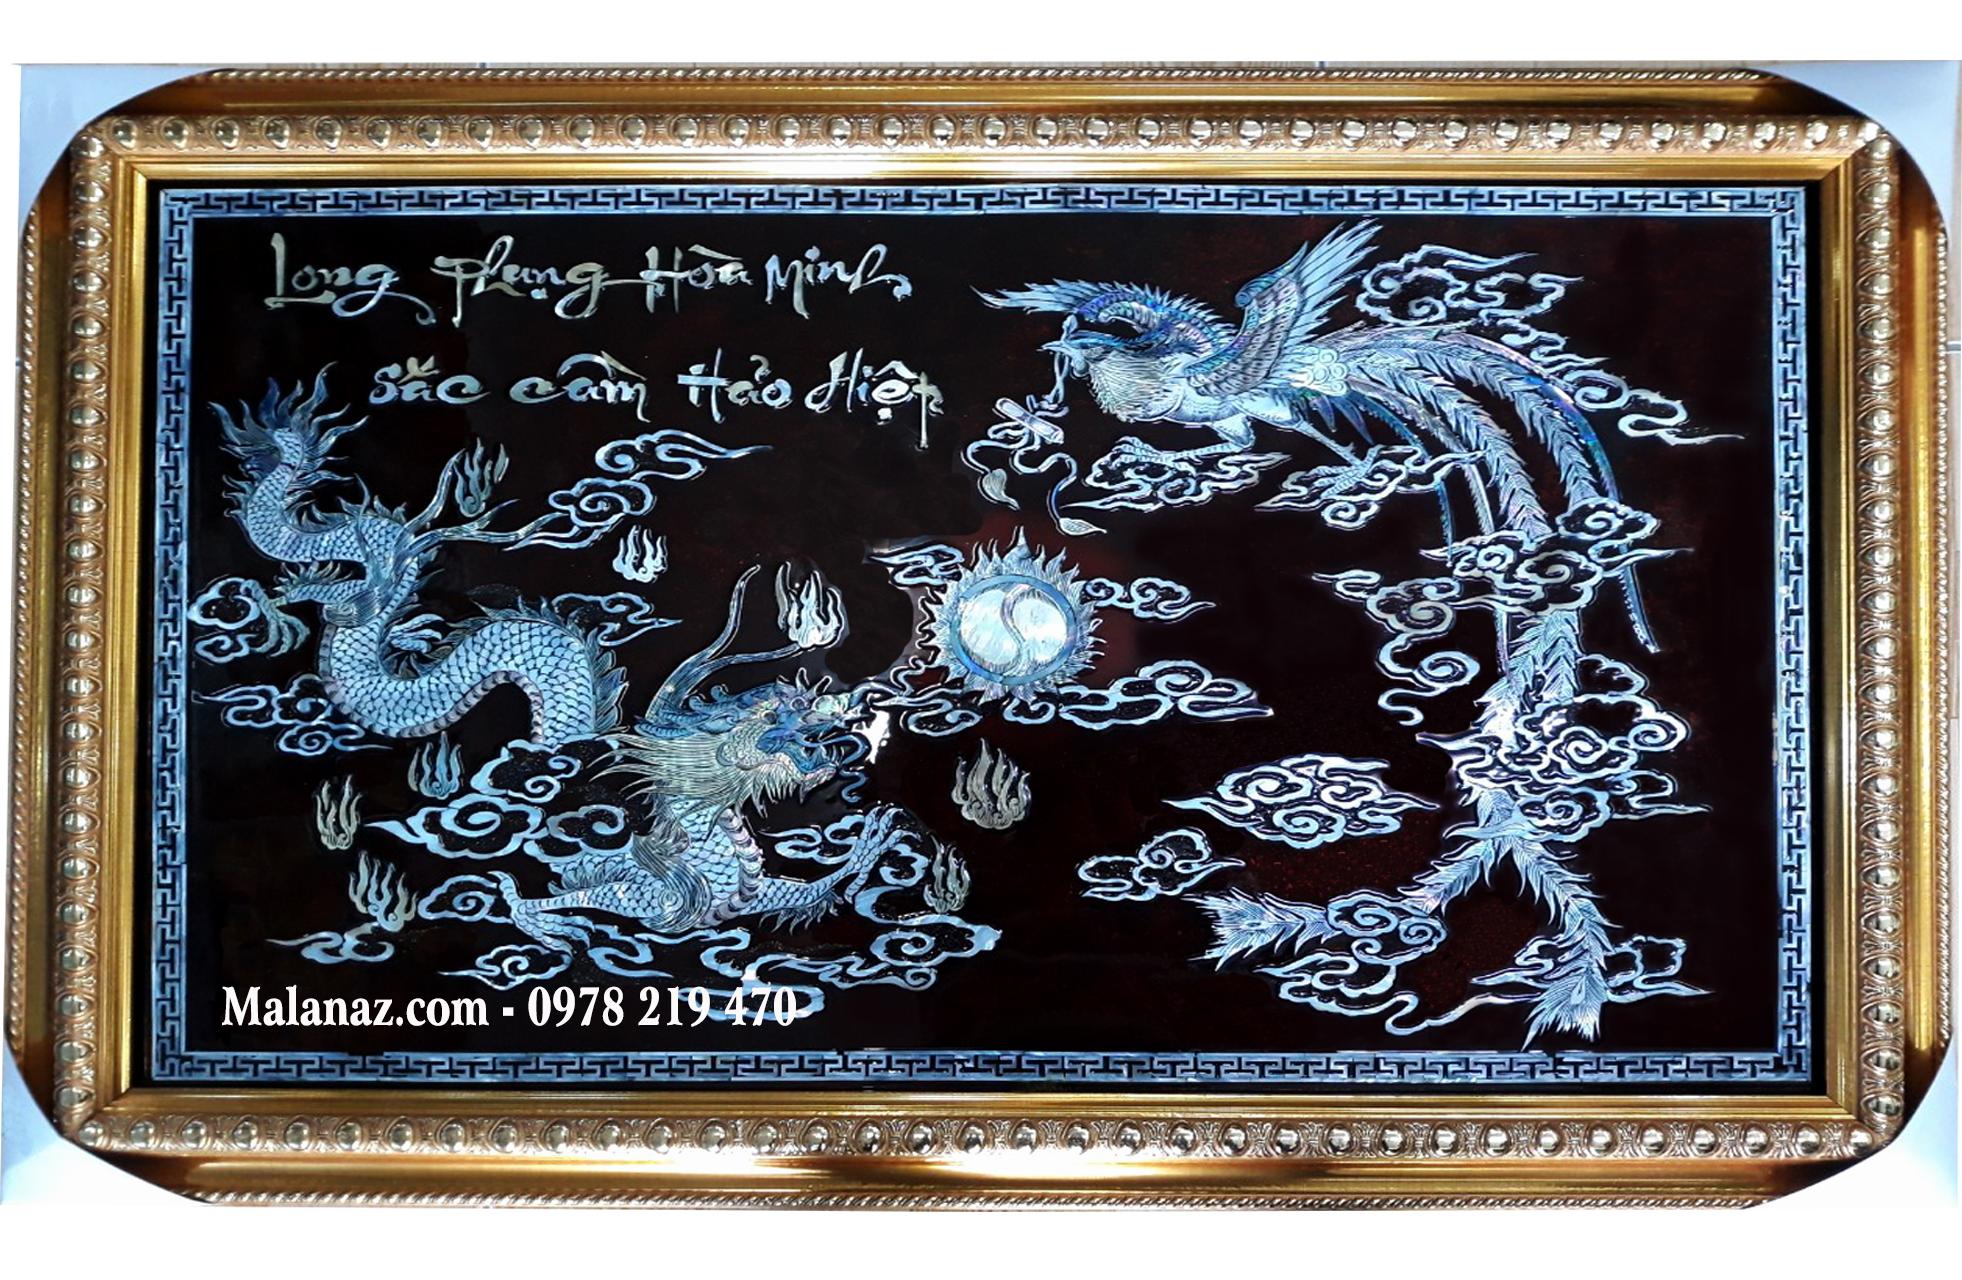 Tranh sơn mài cao cấp - tranh tặng đám cưới - DC01